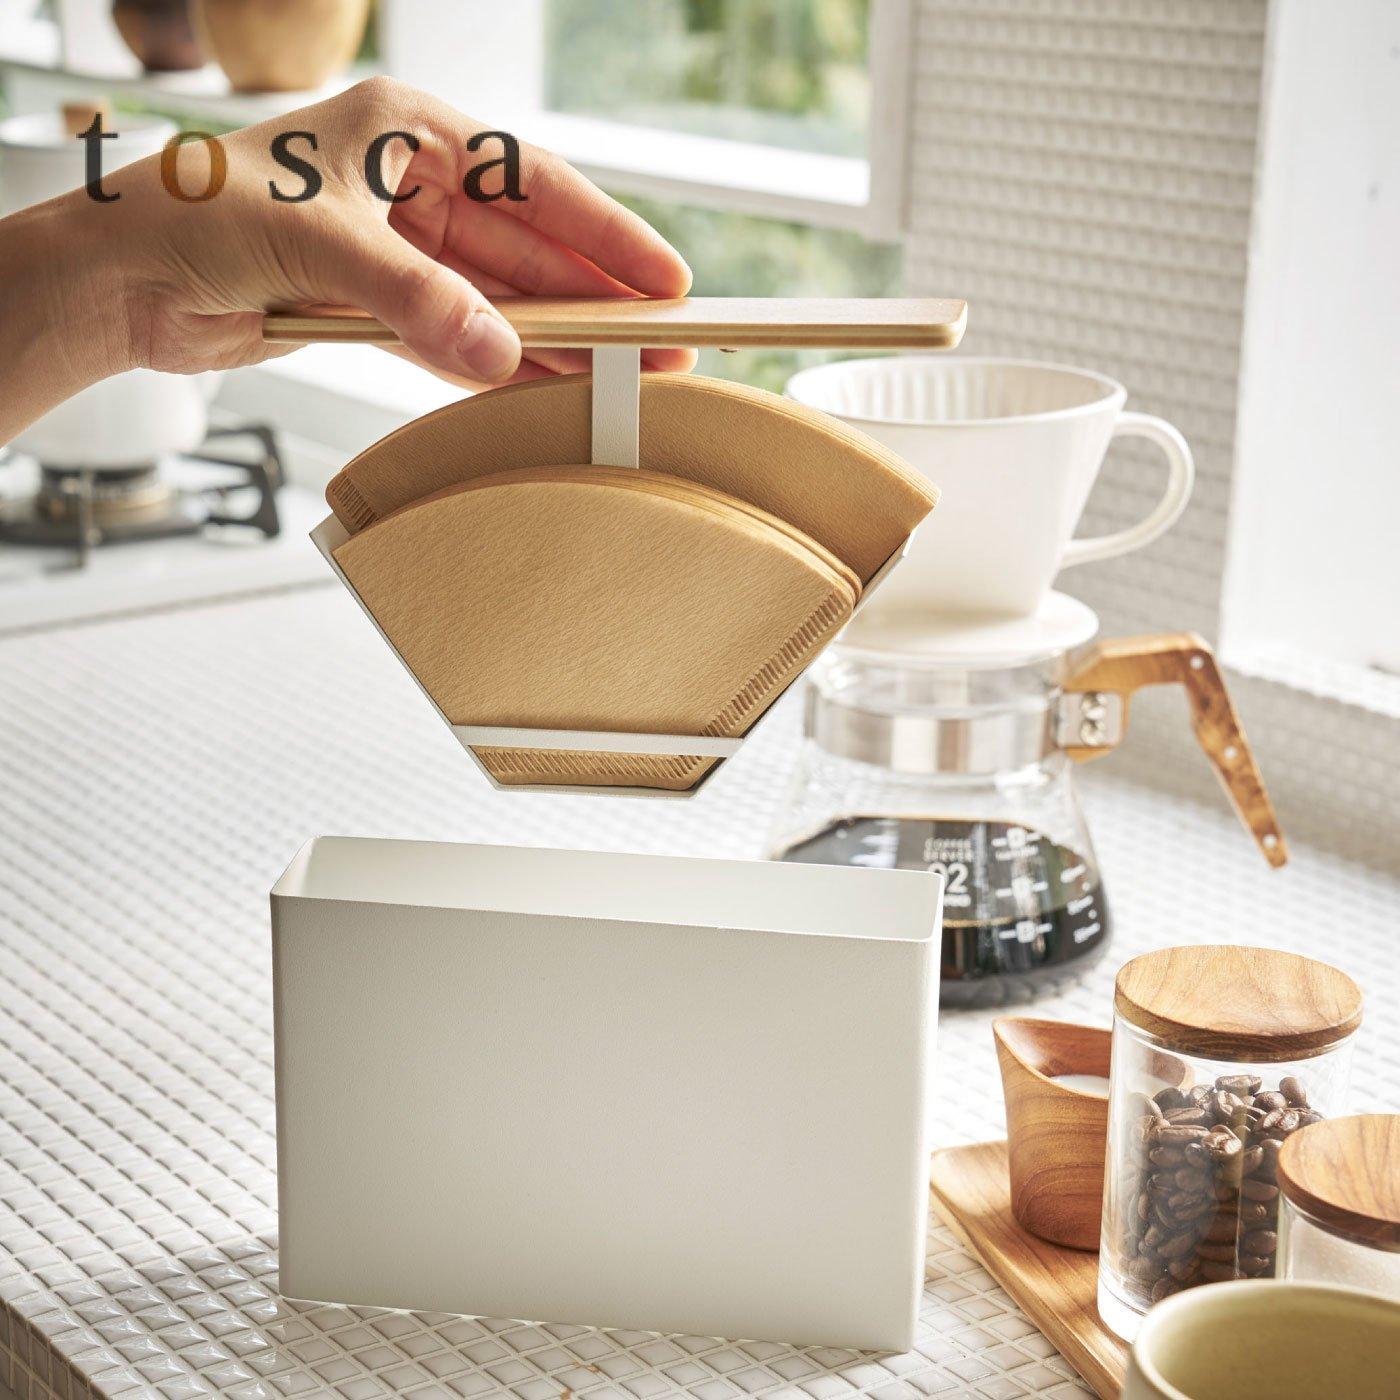 tosca コーヒーフィルターケース ホワイト